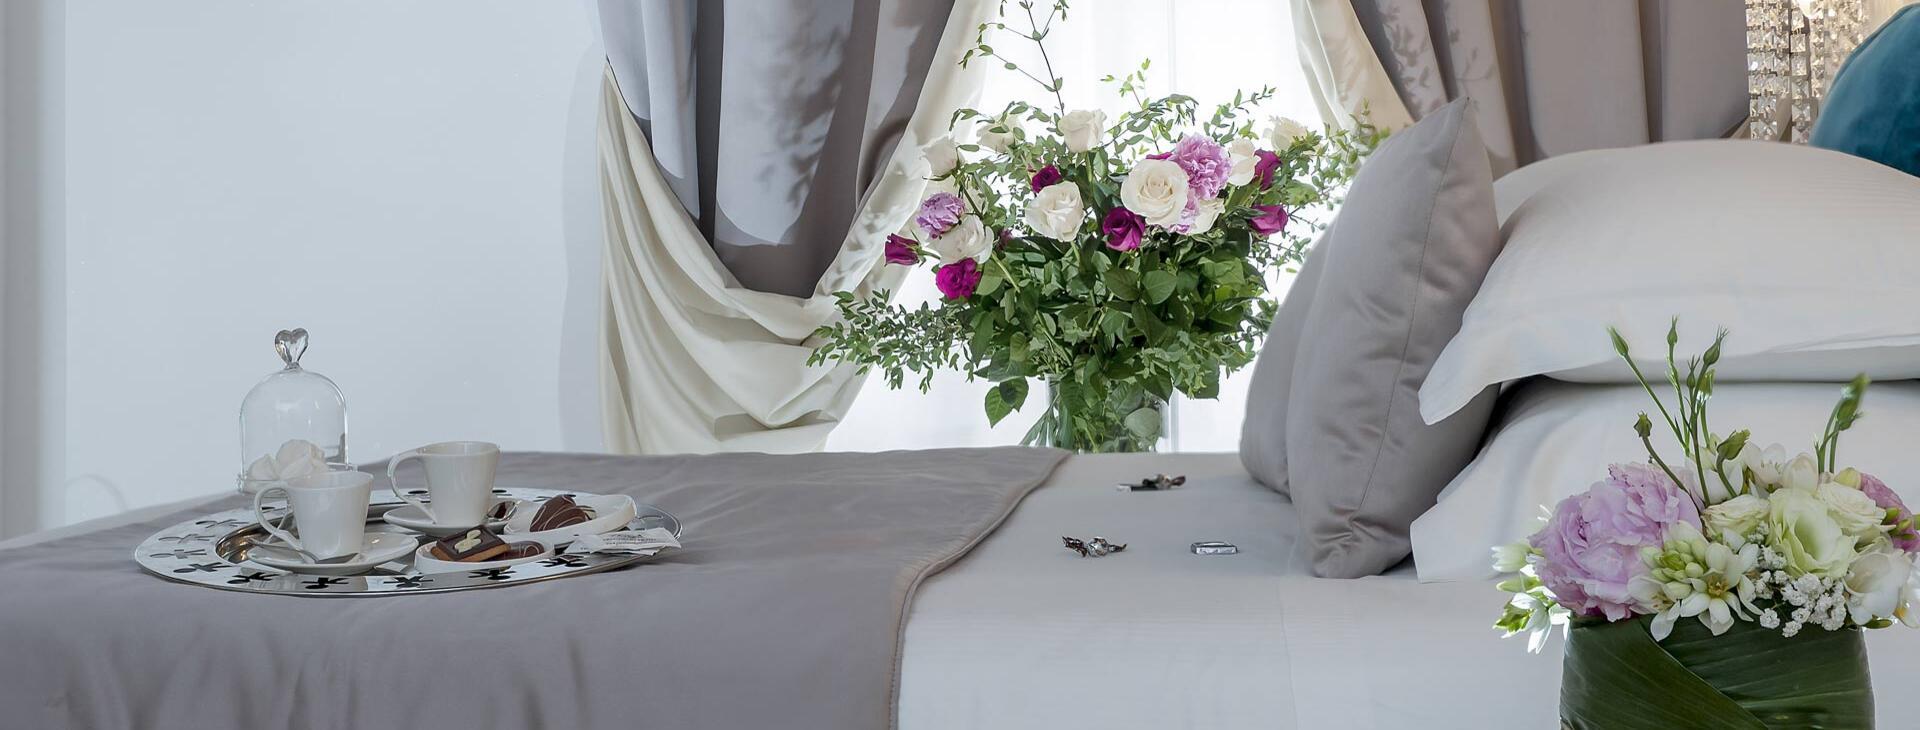 argentinastylehotel en rooms 001